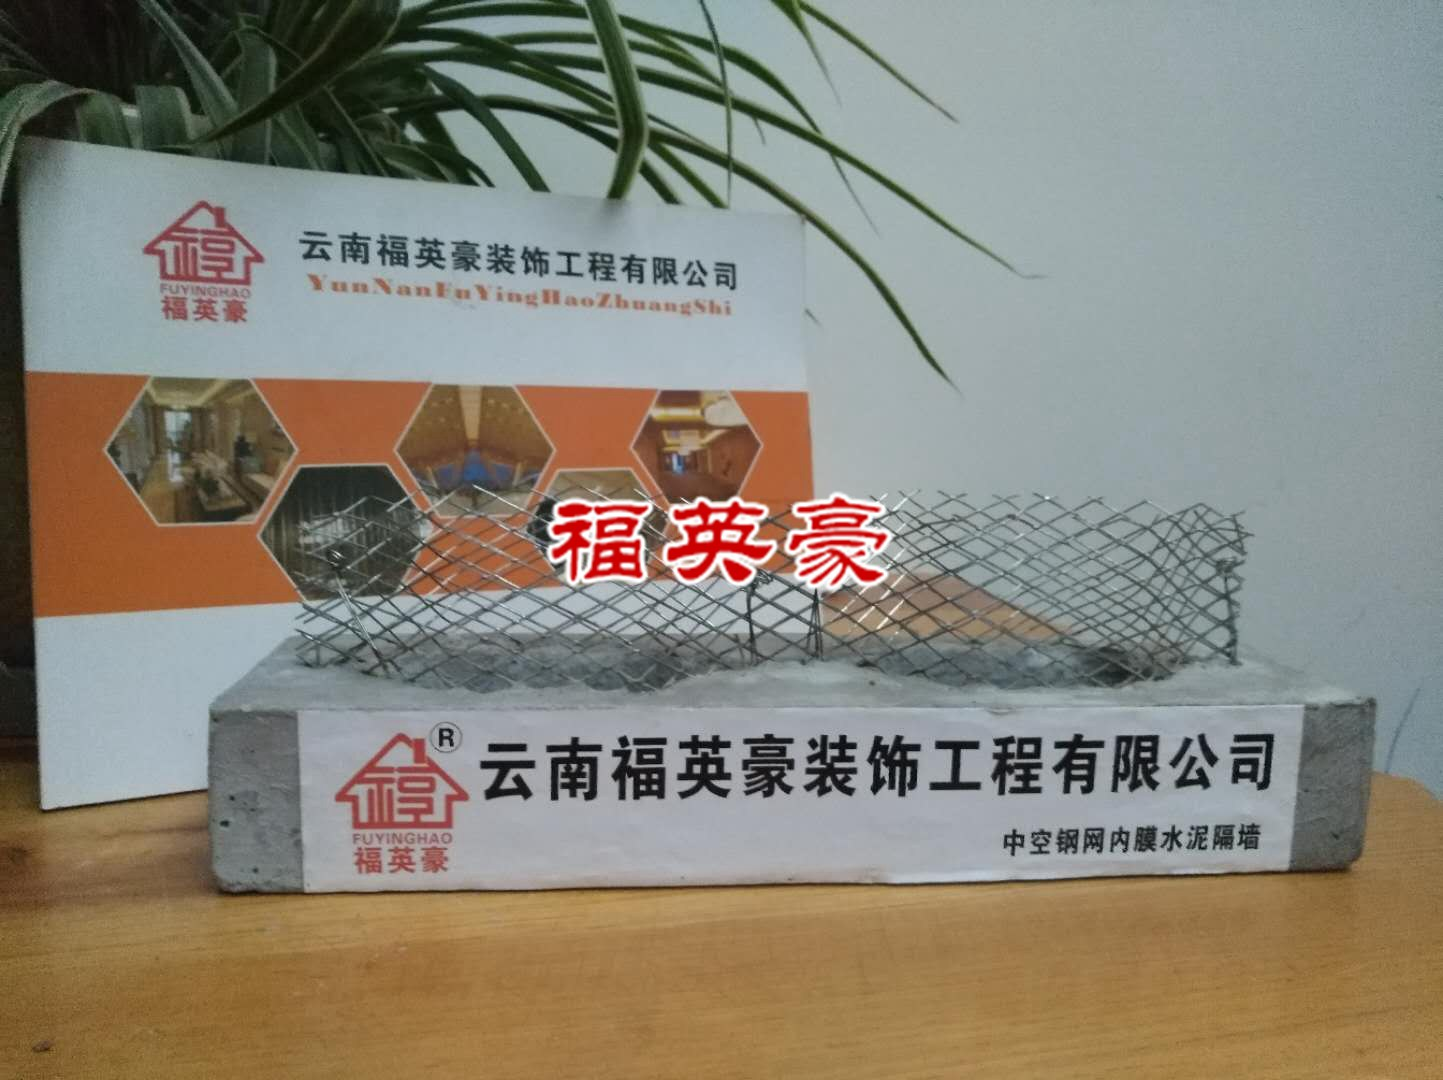 中空钢网隔墙公司的中空钢网内膜水泥隔墙